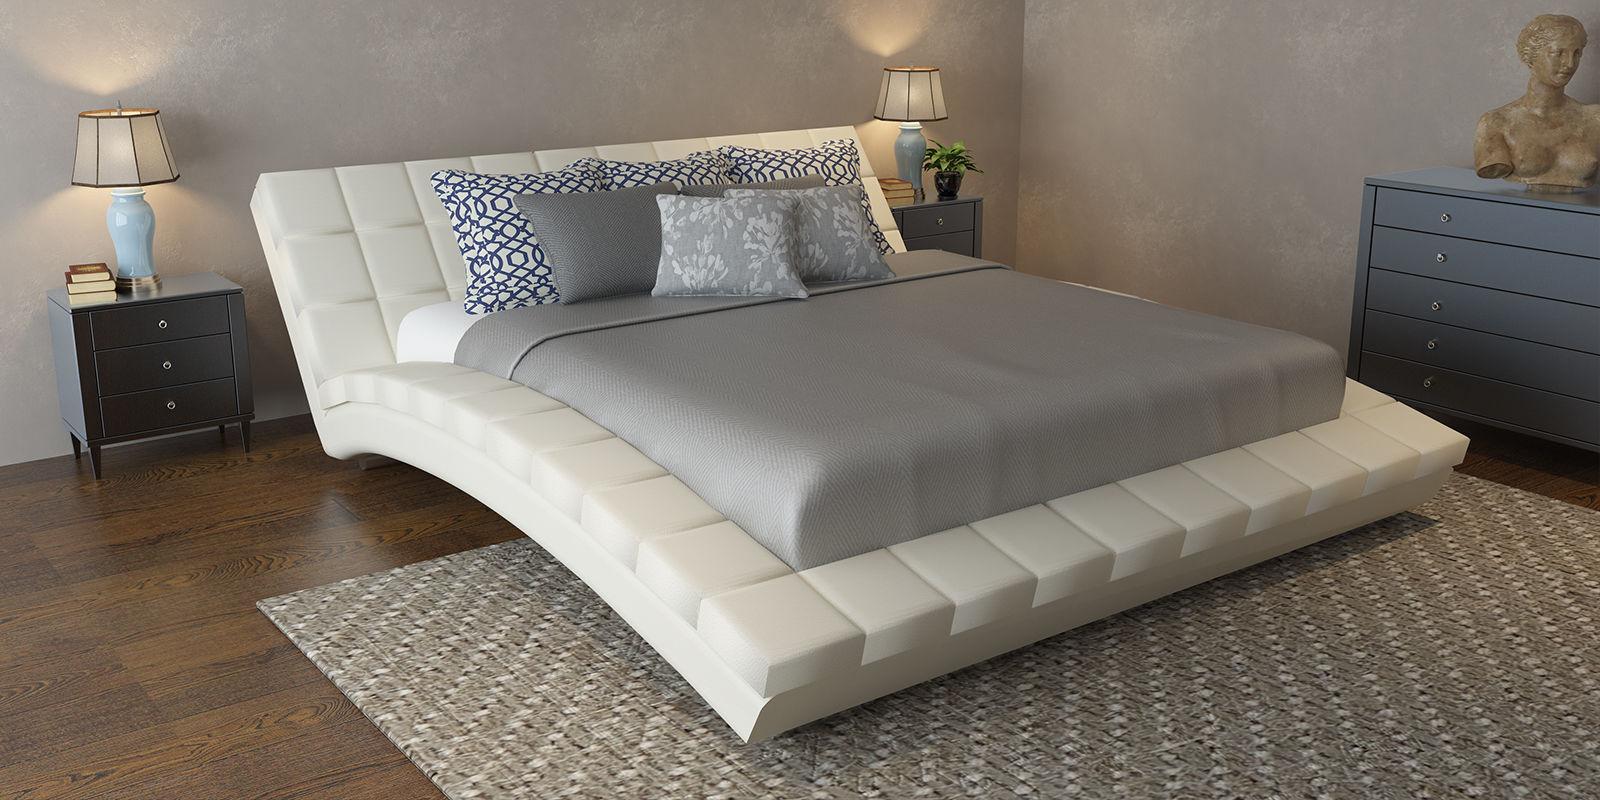 Обычная кровать тоже является отличным вариантом спального места.